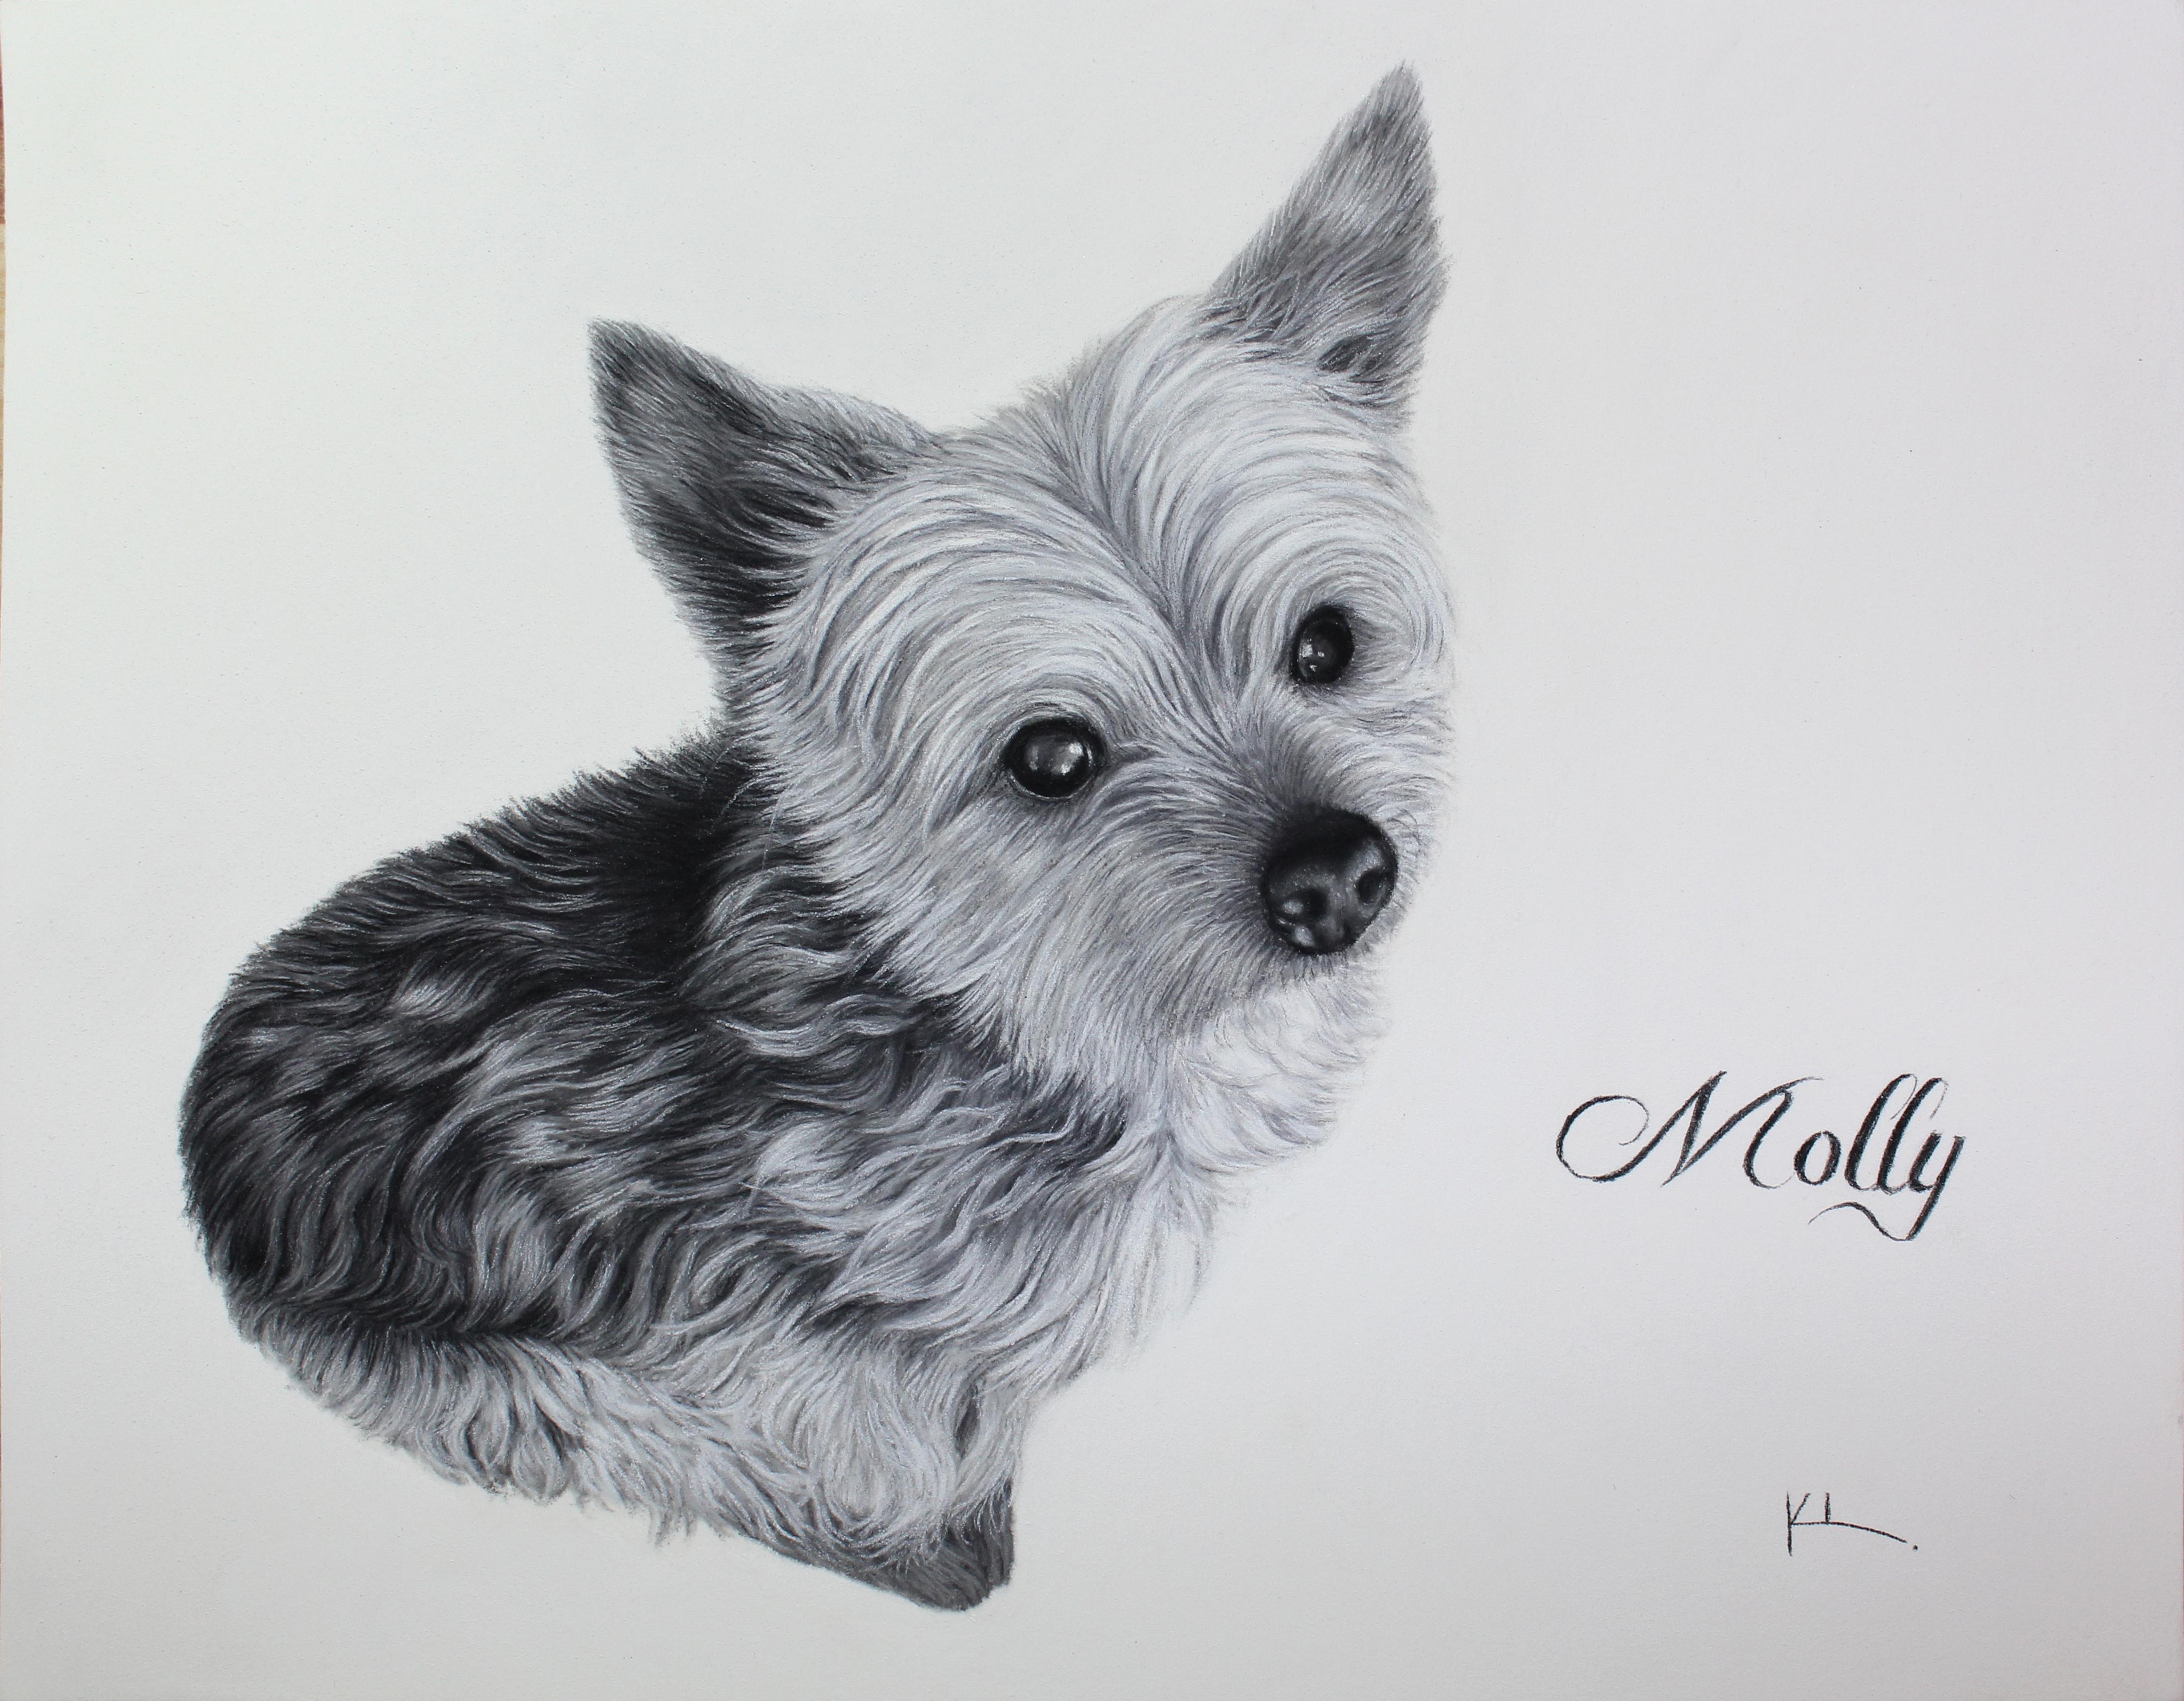 'Molly'